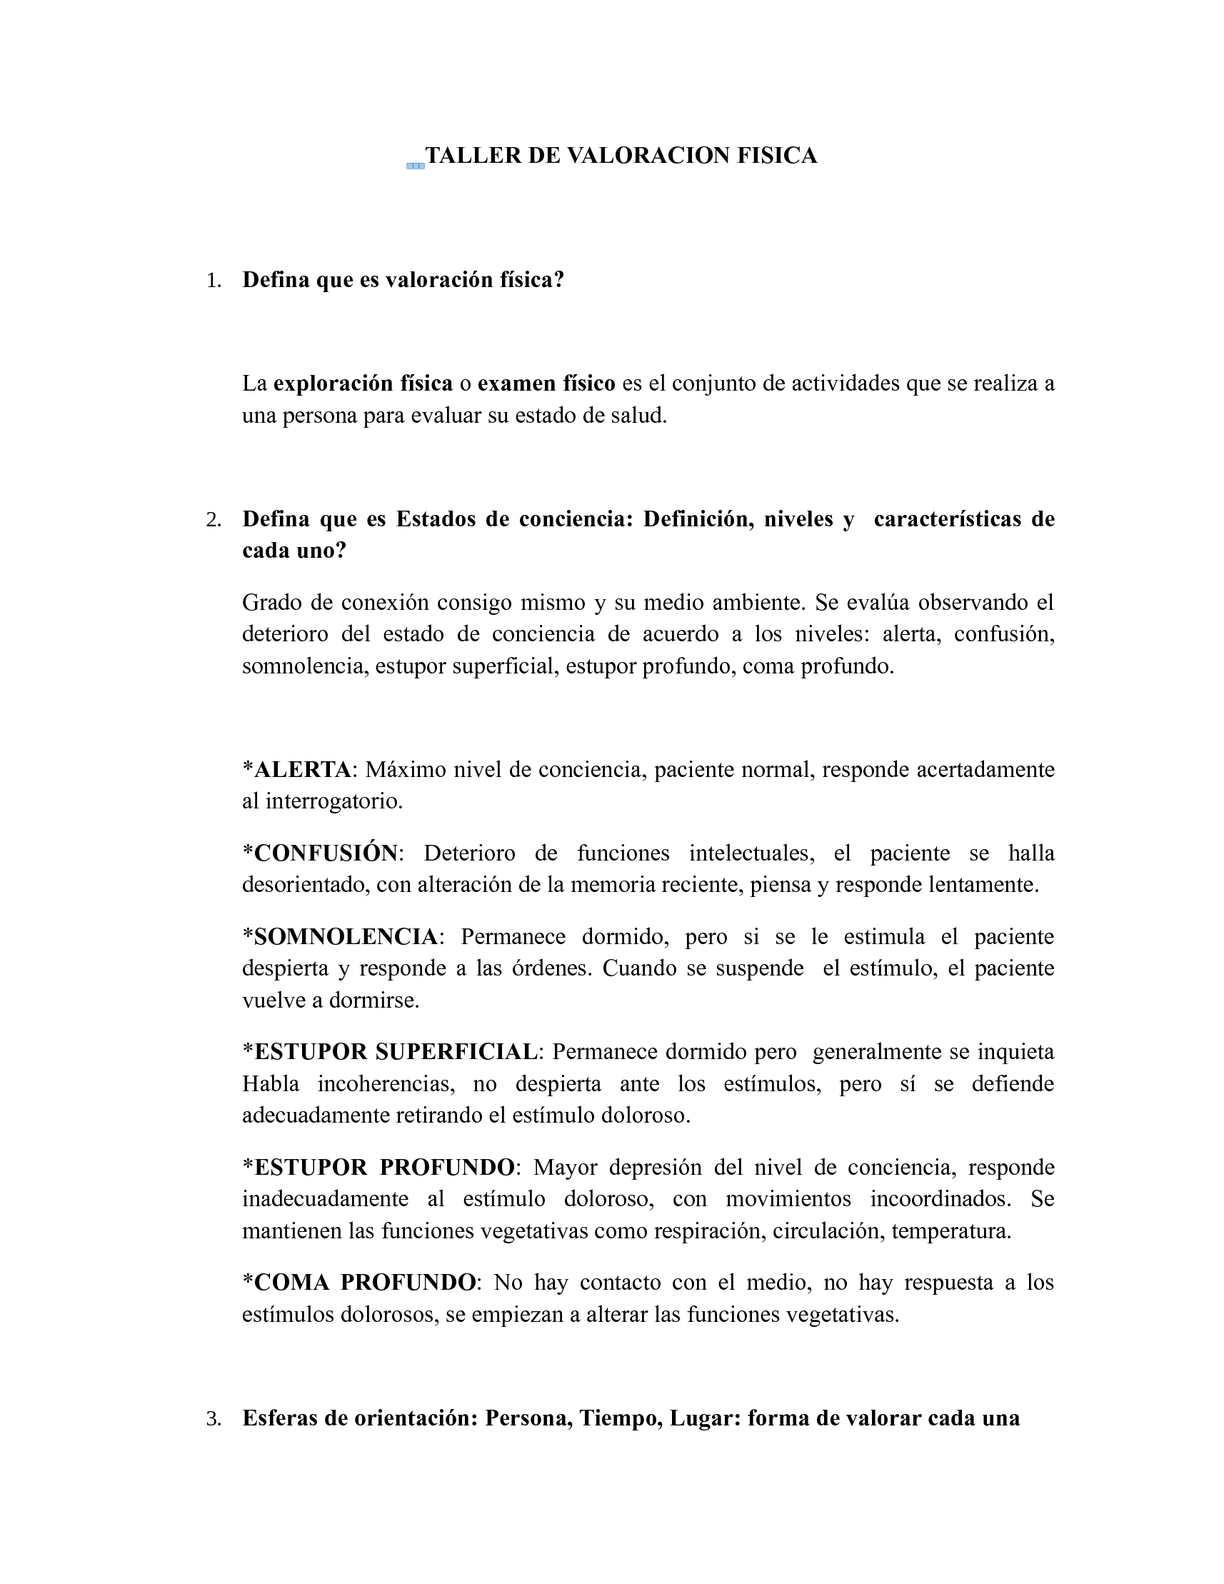 Calaméo - TALLER DE VALORACION FISICA Solución Agosto